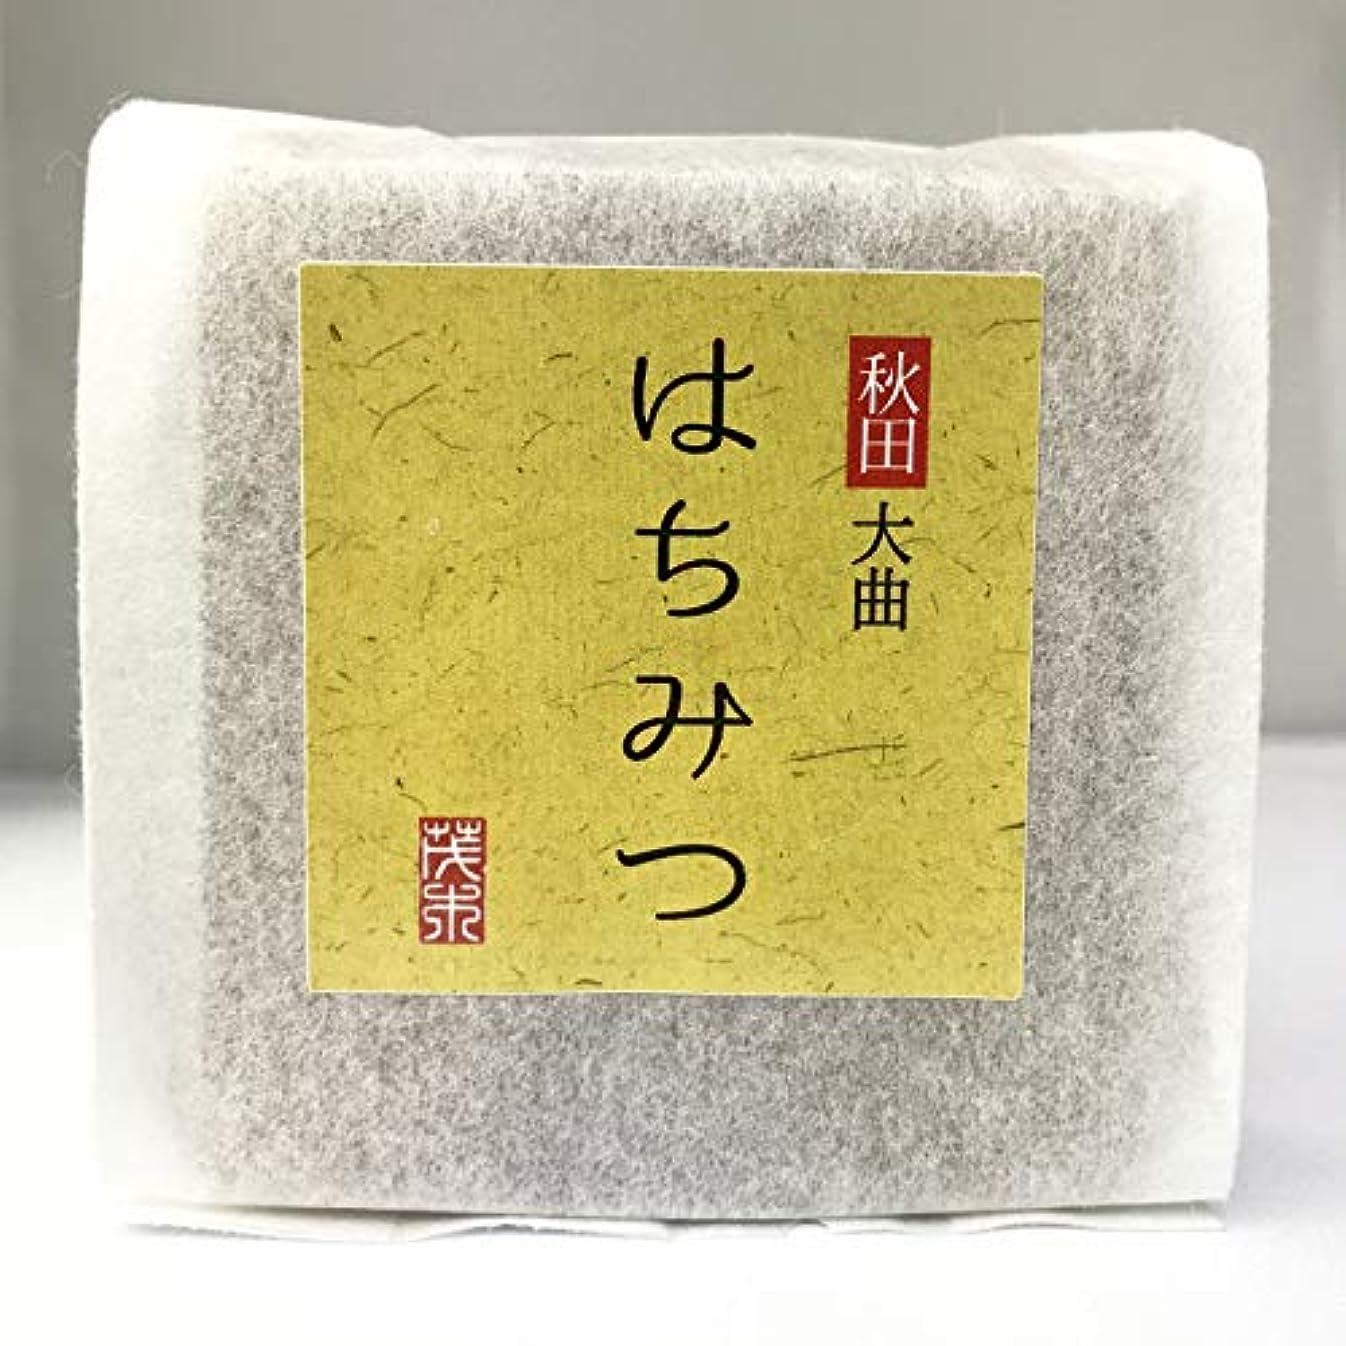 鎮静剤インフルエンザサスティーン無添加石鹸 はちみつ石鹸 100g